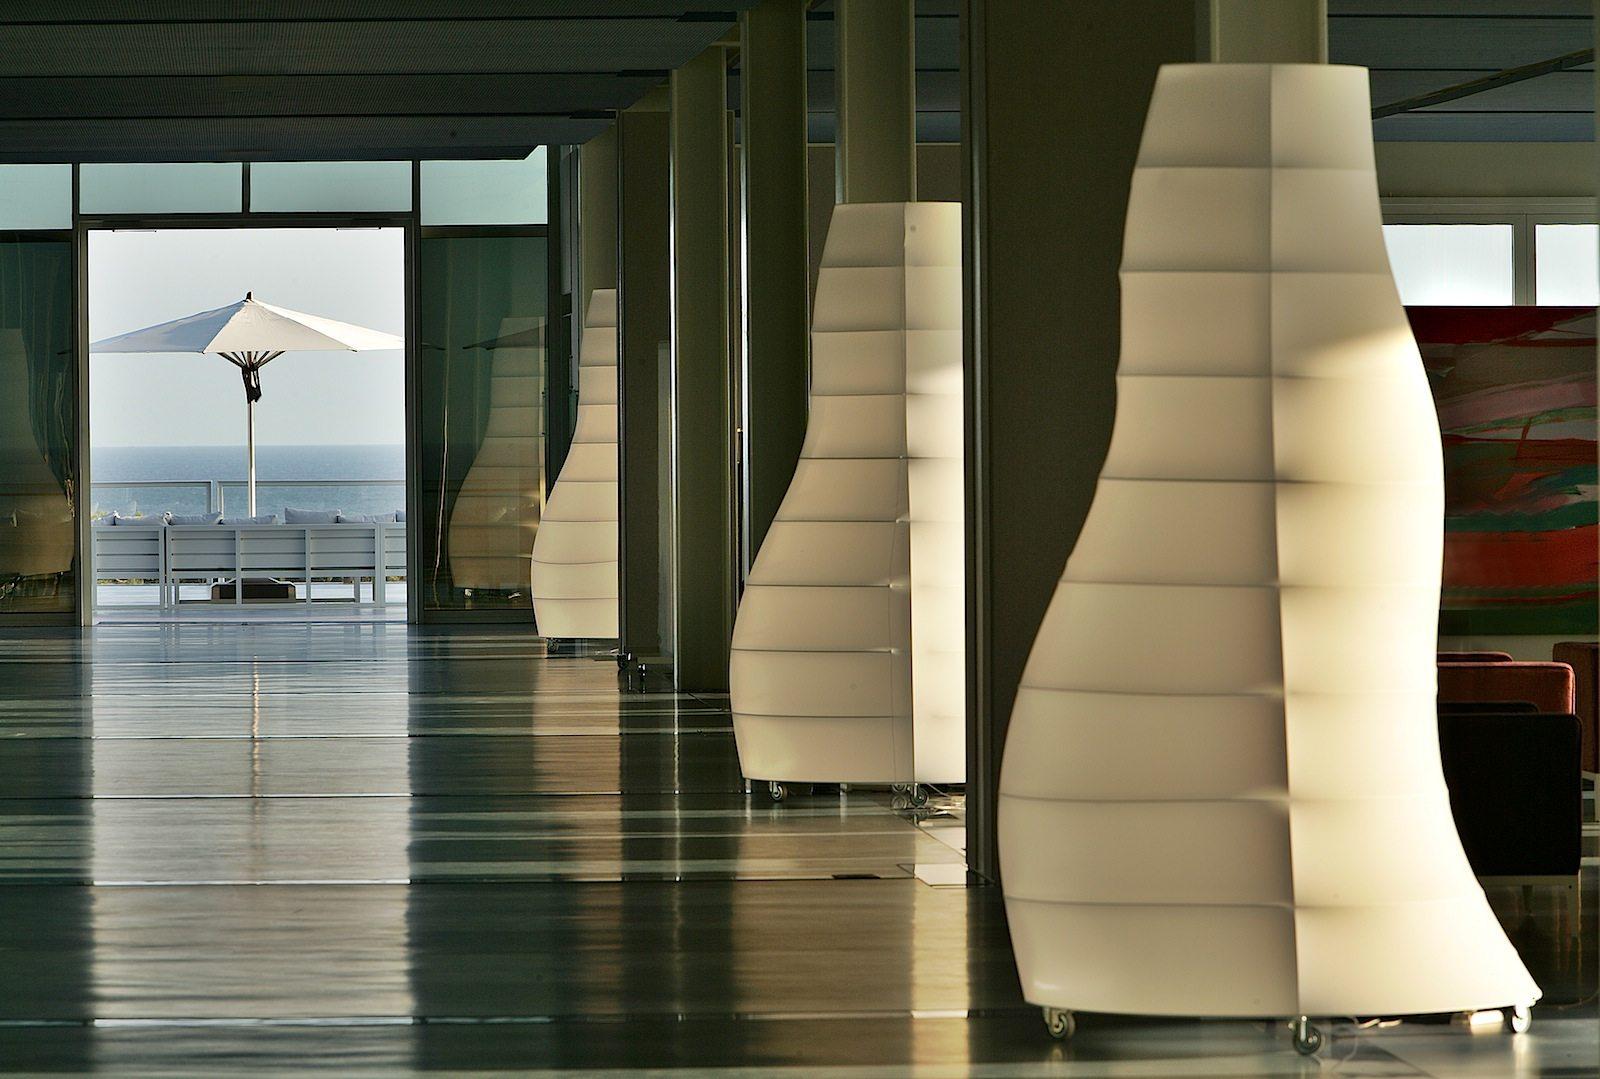 The Oitavos. Linien, Achsen, Perspektiven sind ein Teil des Gestaltungsprinzips.